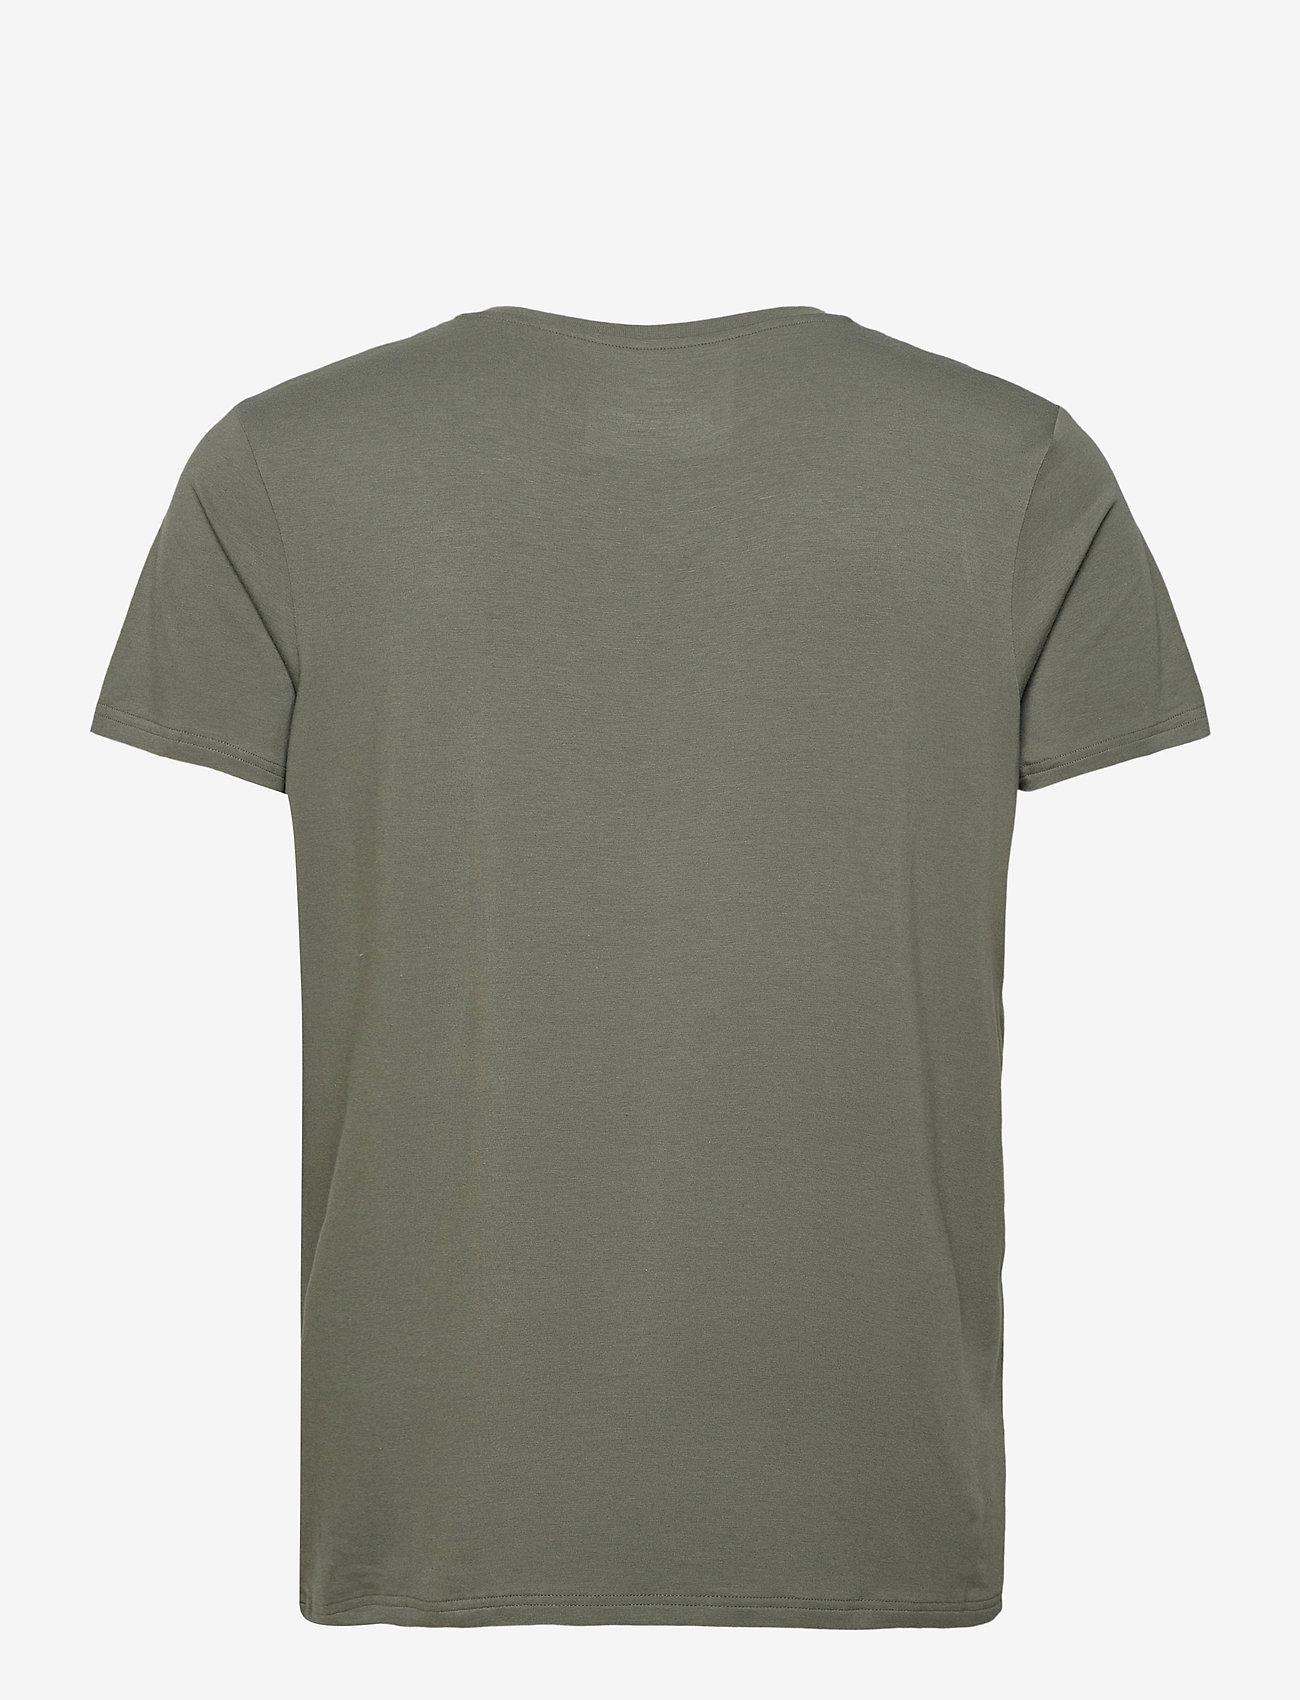 Resteröds BAMBOO R-NECK TEE - T-skjorter GREEN - Menn Klær